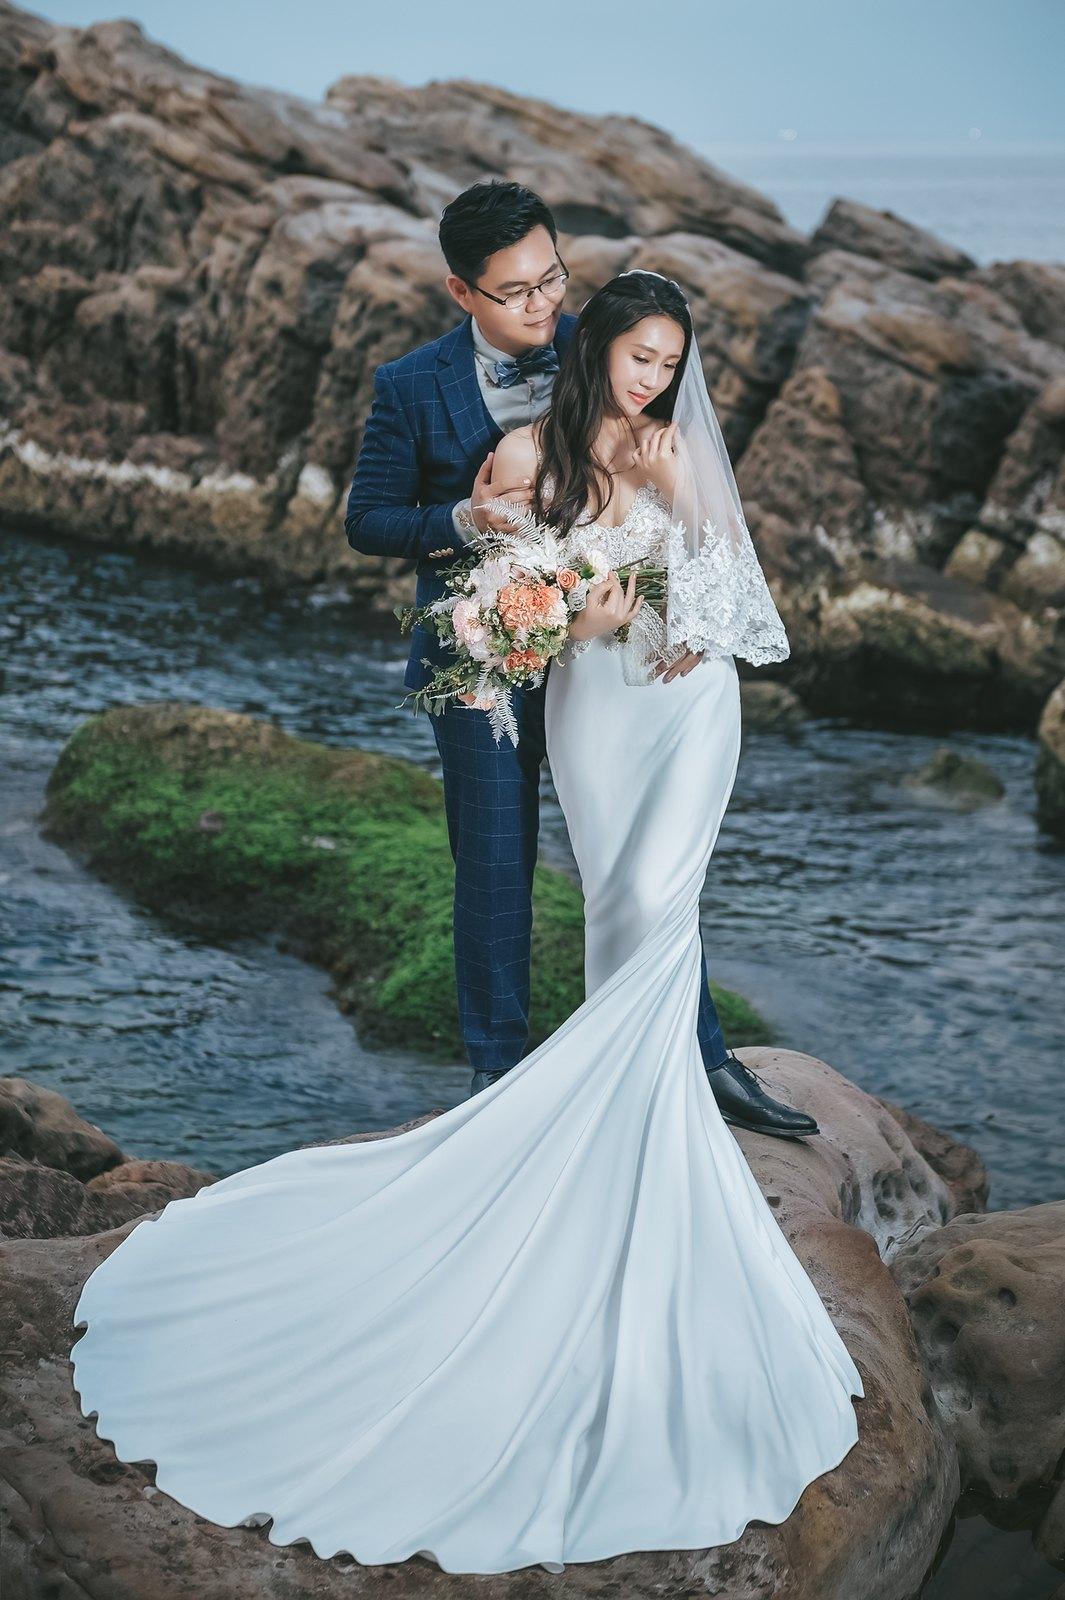 【婚紗】Karl & Dada / 新山夢湖 / 南雅奇岩